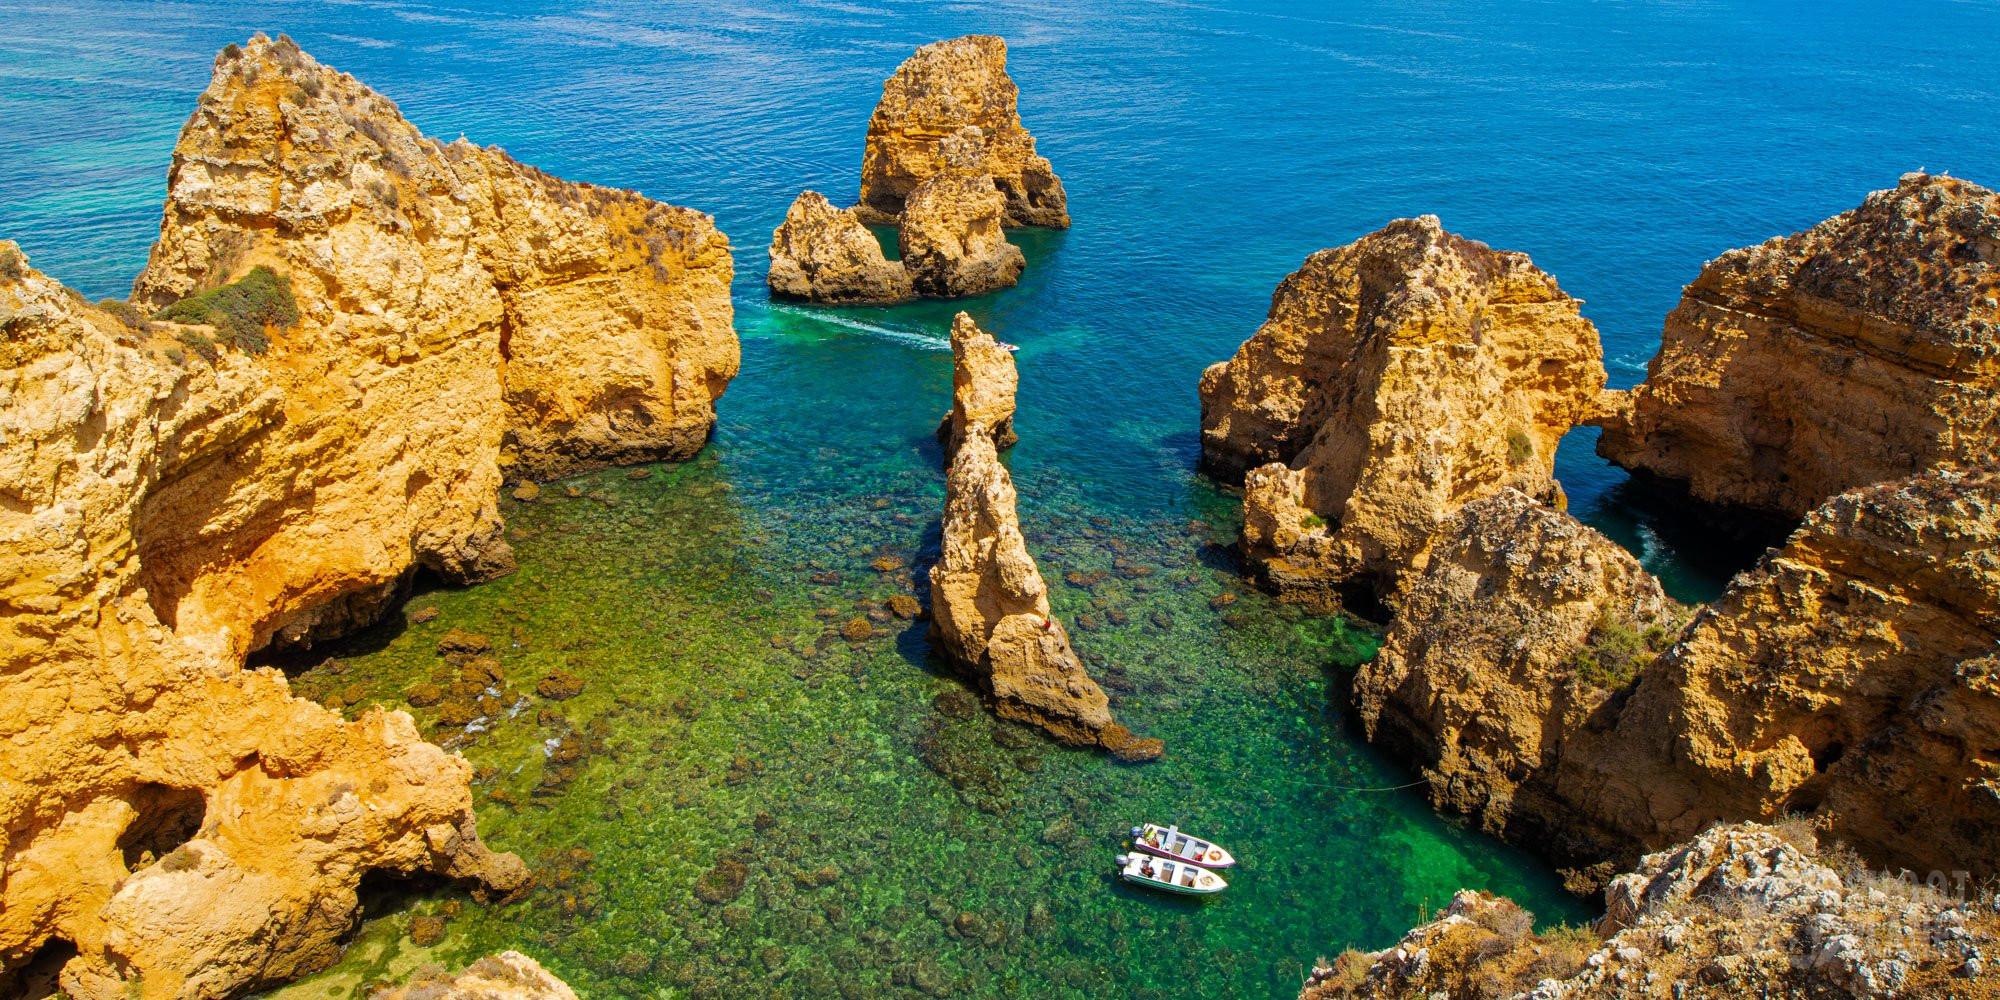 Ponta da Piedade aerial view, Algarve Portugal